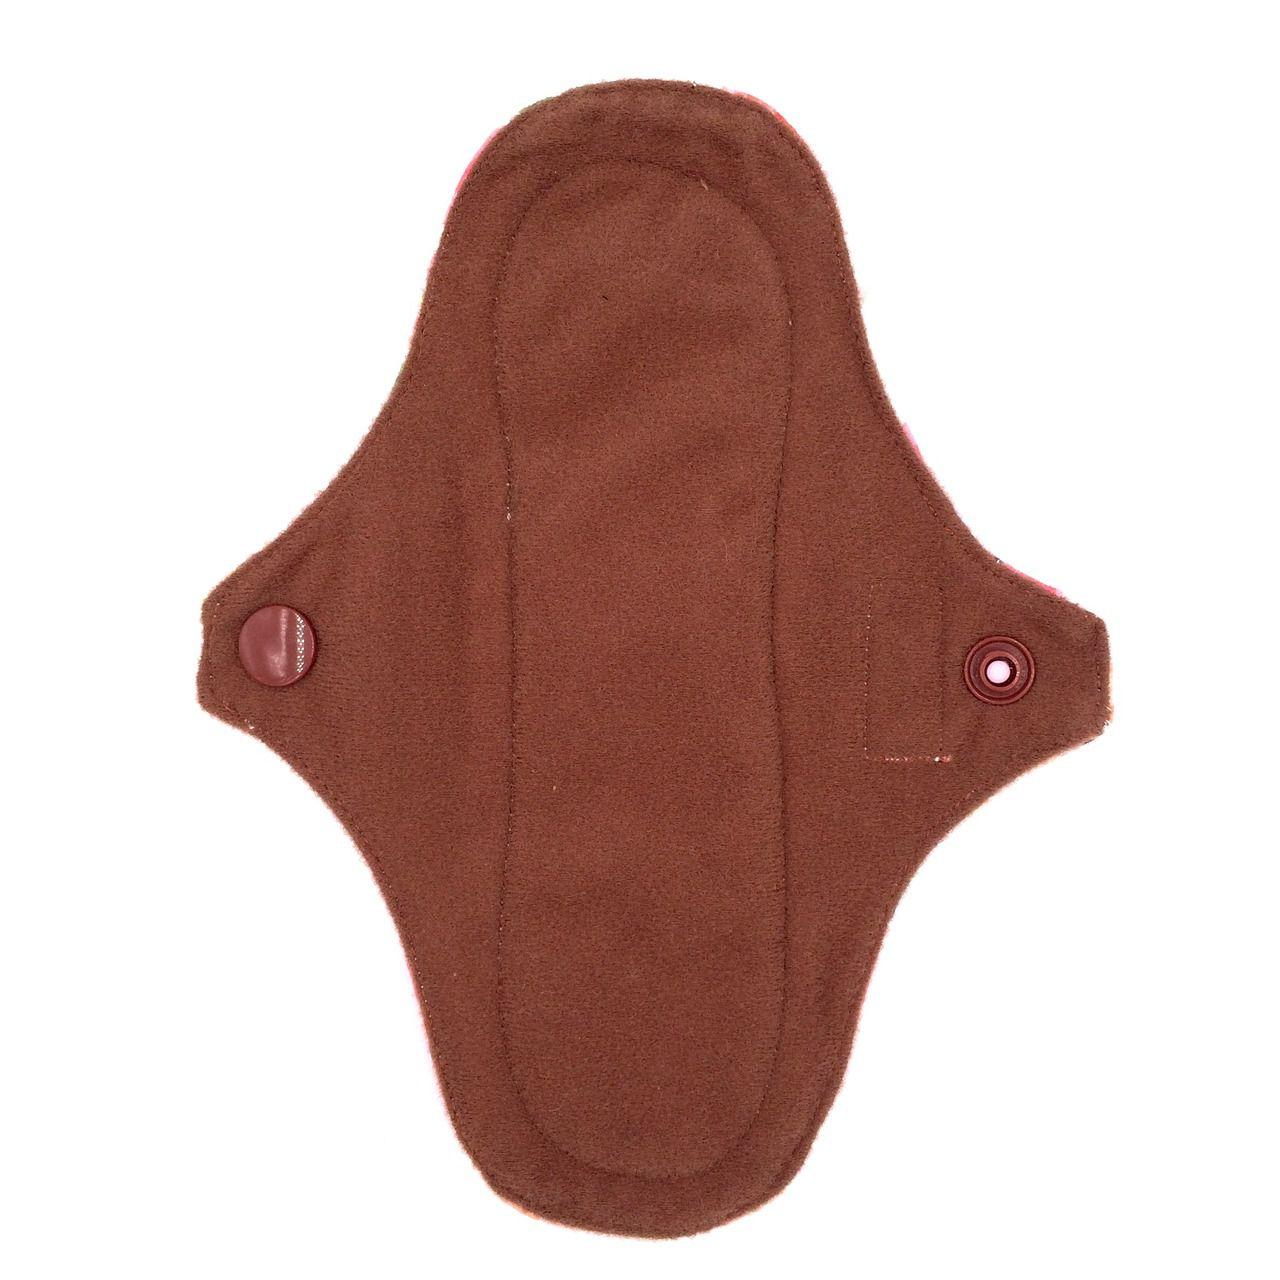 Kit de Absorventes Korui Super Absorção - Conforto Seco